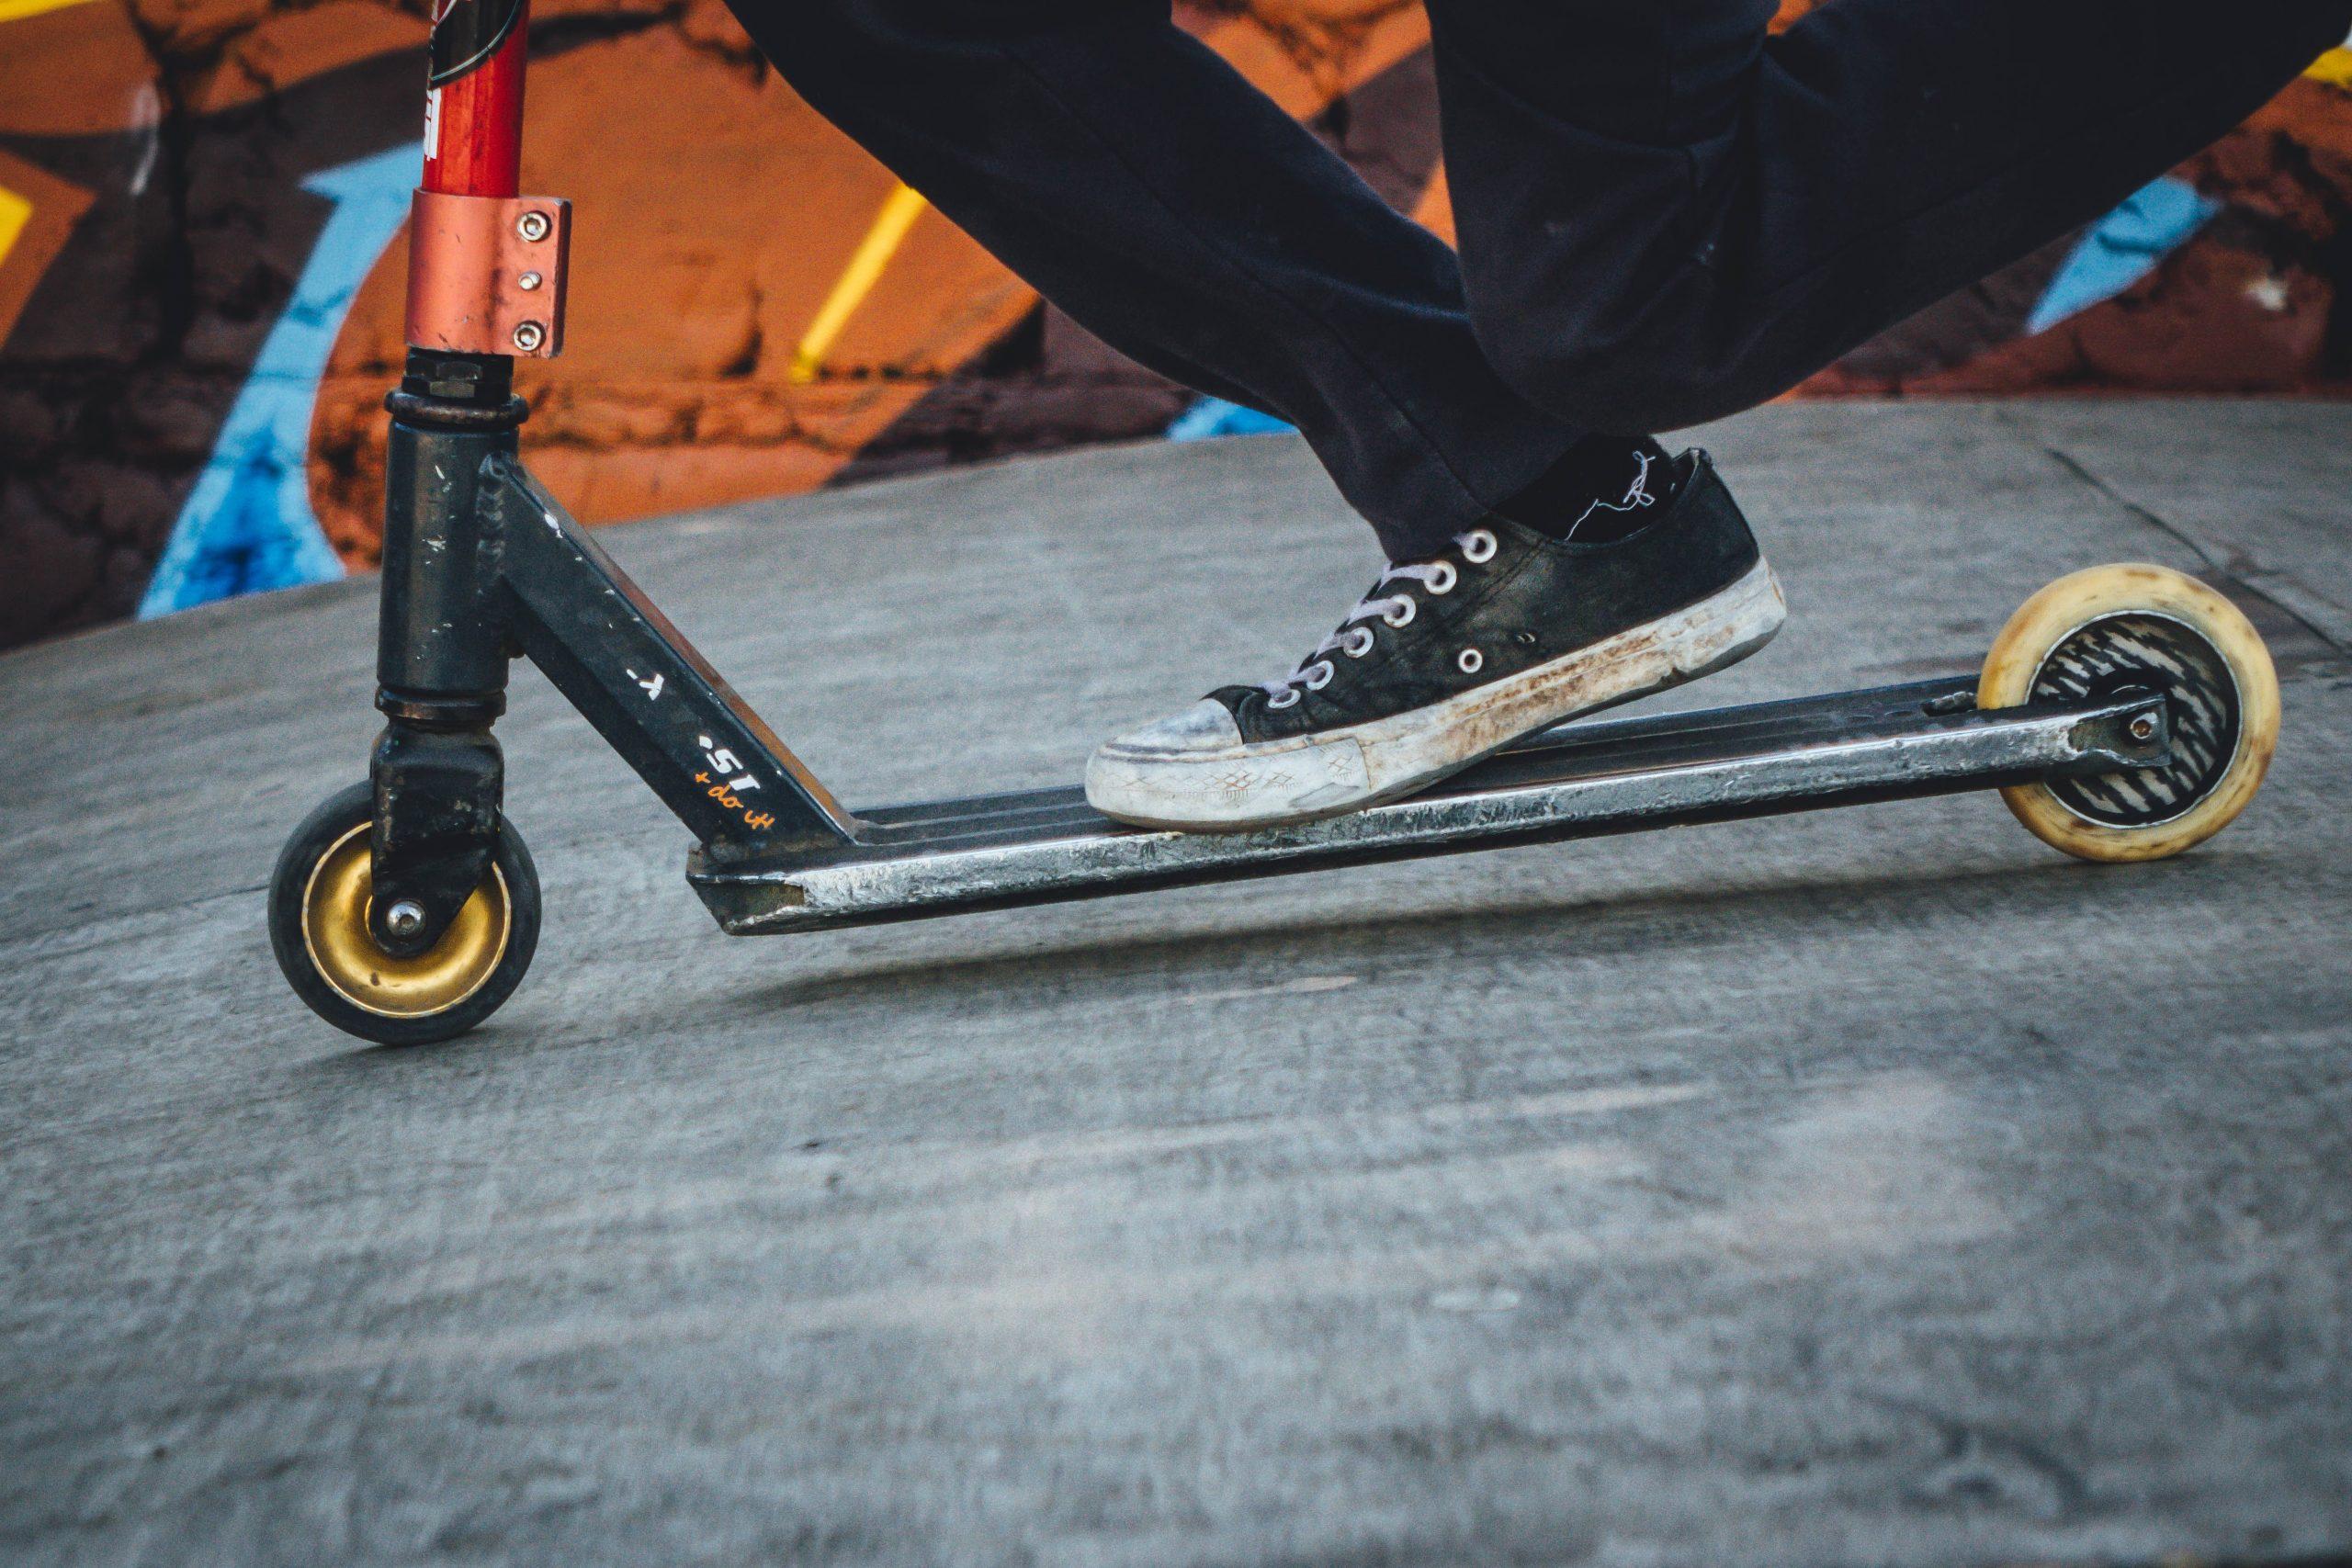 Alquilar un patinete eléctrico